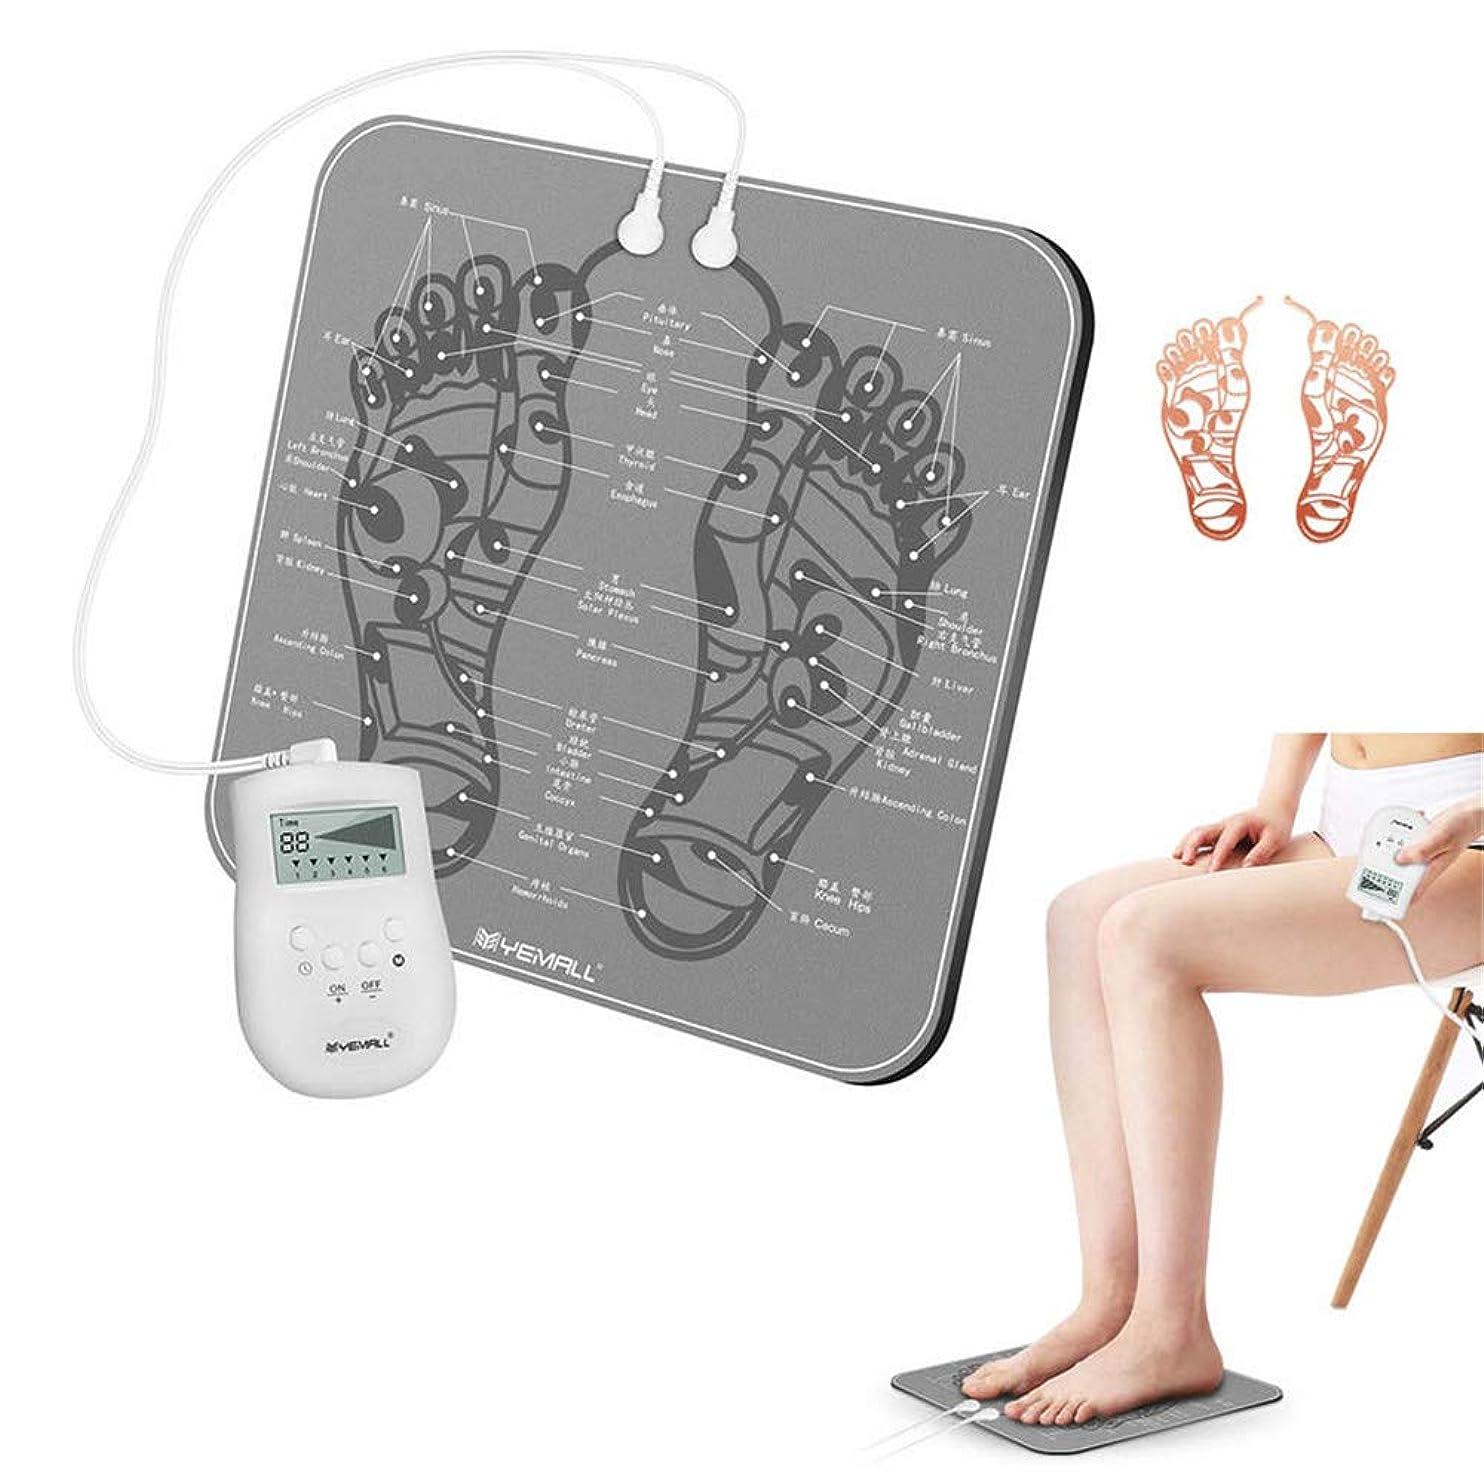 ラインナップ斧ウェイター充電式EMSインテリジェントフットマッサージ機折り畳み式のリモートコントロール足の筋肉刺激は、血液循環を促進します,銀